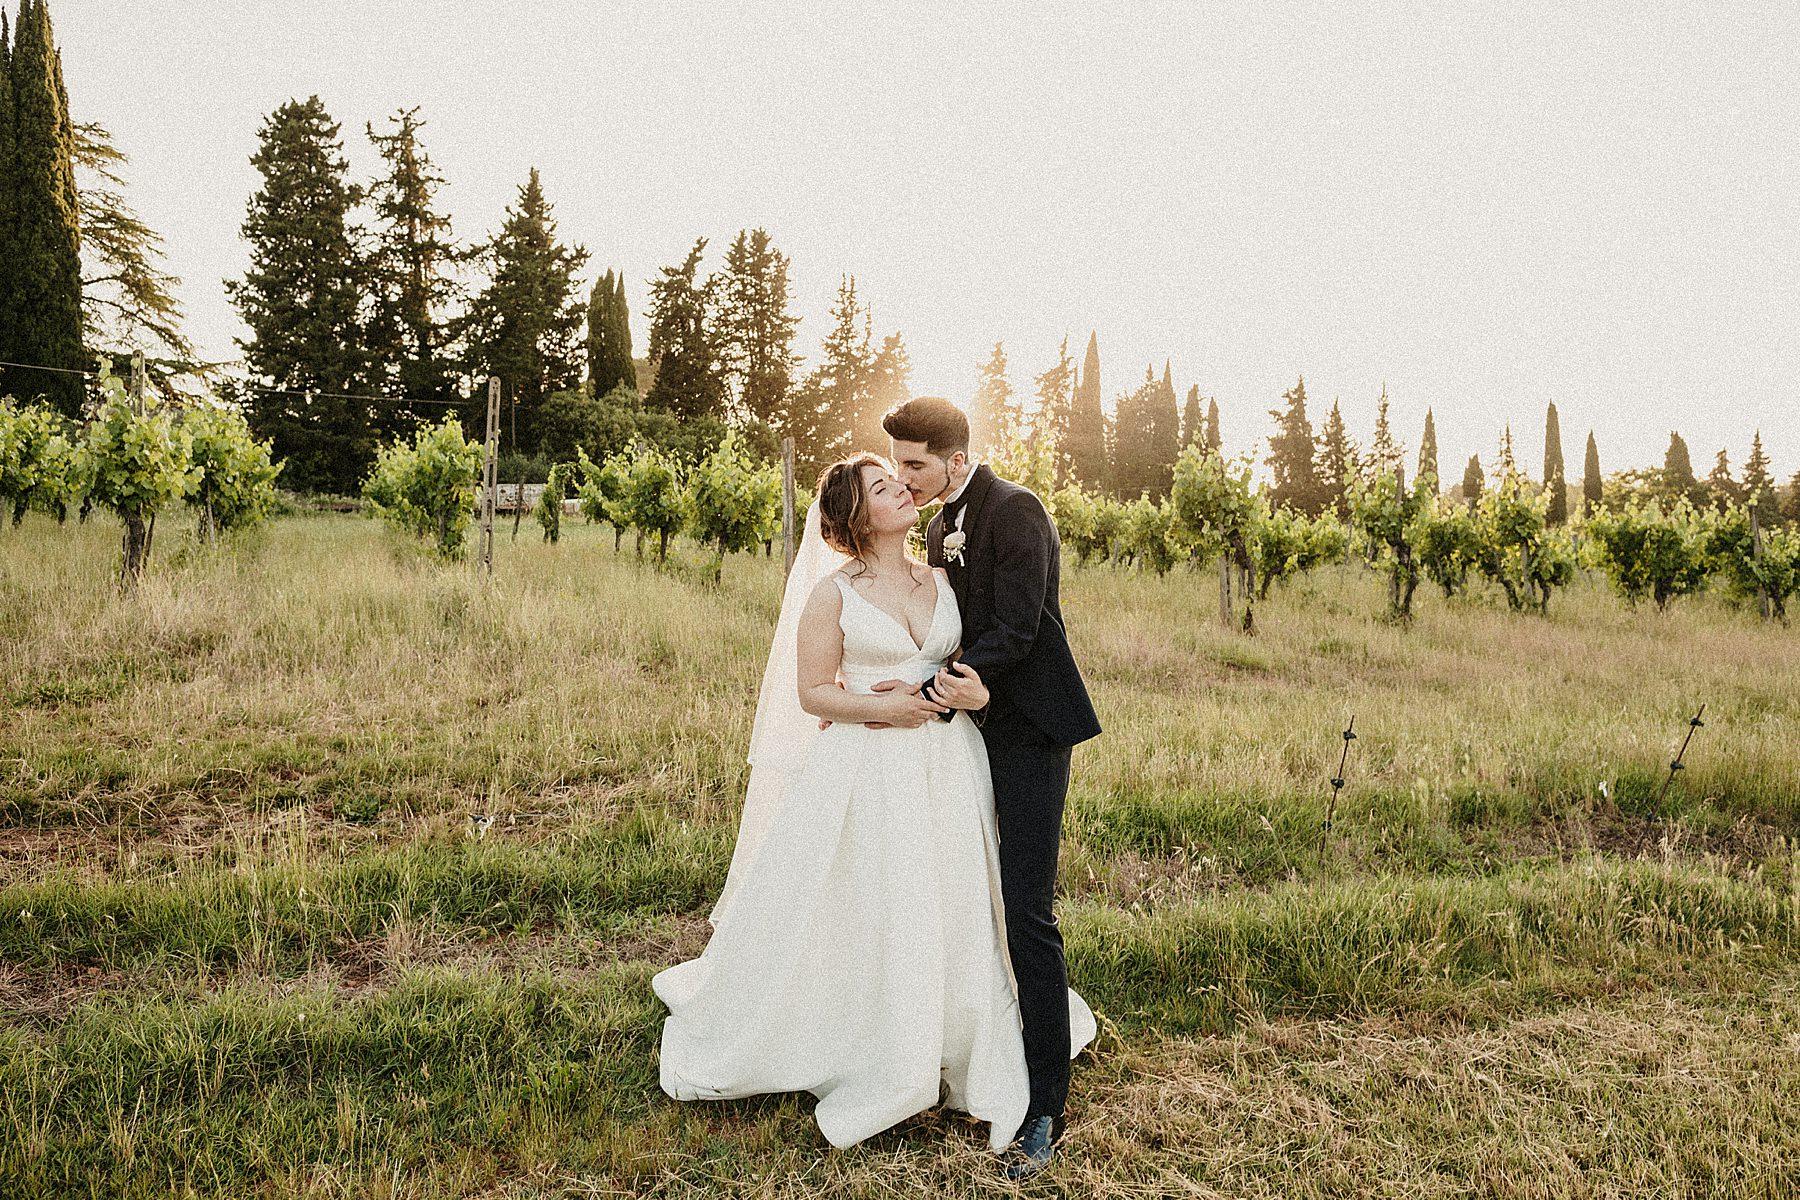 matrimonio tenuta bichi borghesi monteriggioni 3047